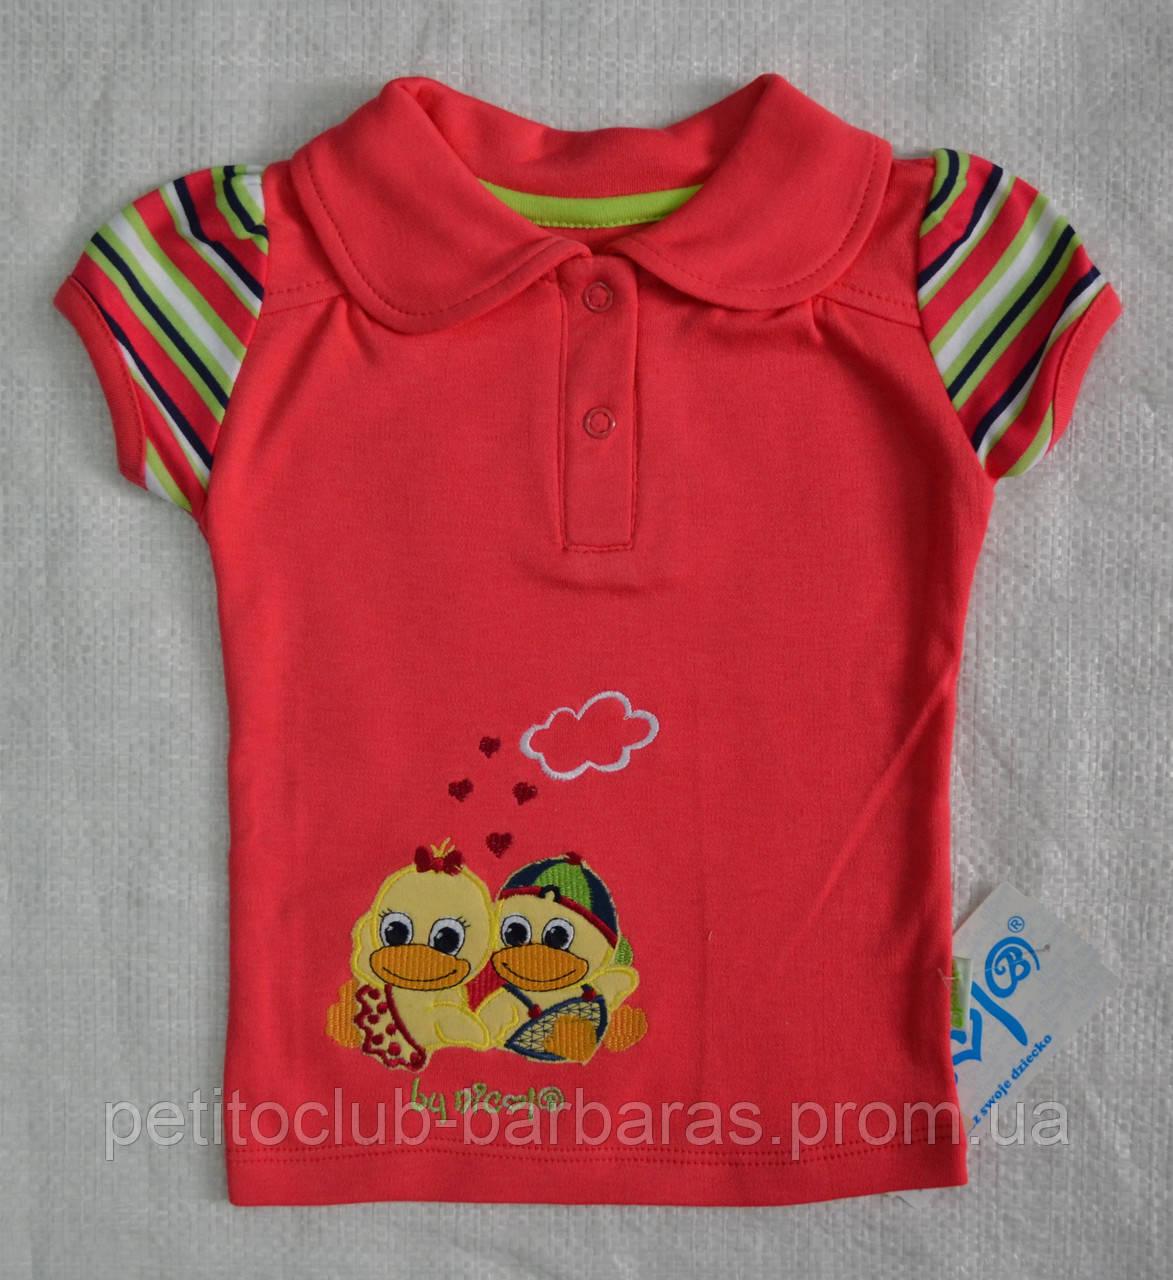 Детская футболка-поло Утята р. 74 см, 80 см (Nicol, Польша)